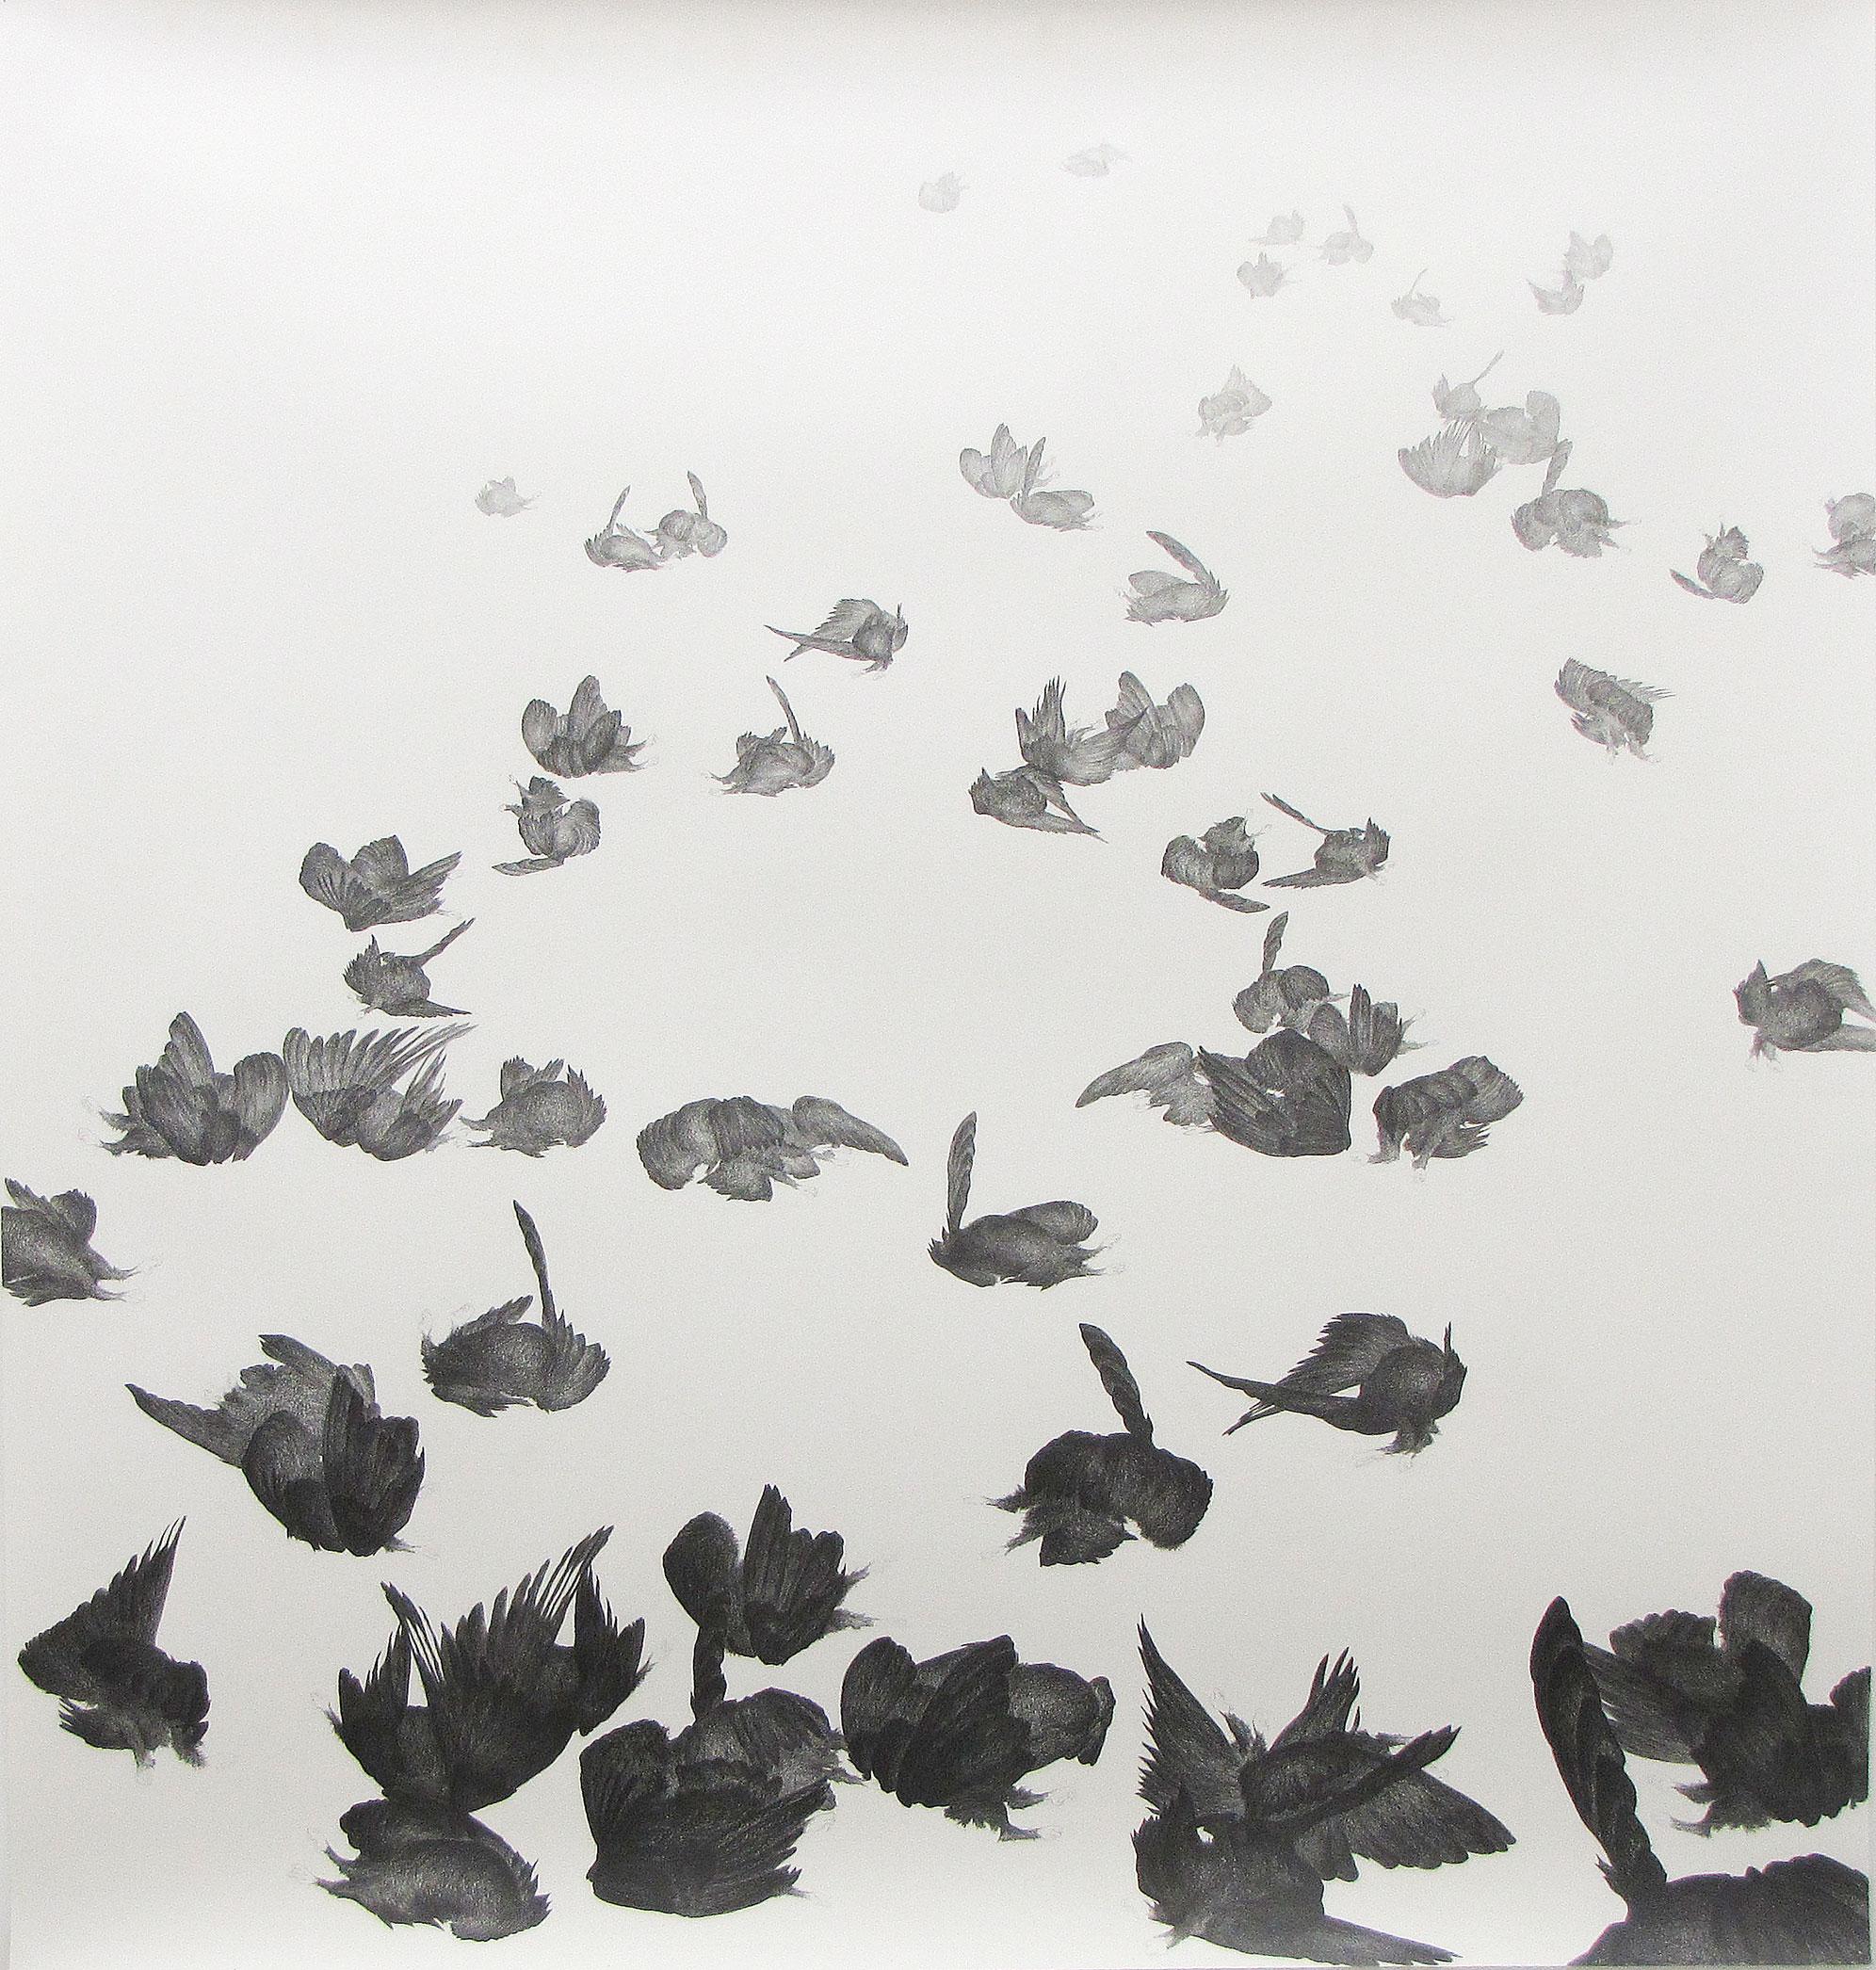 <i>zone affectée</i>, 2009, graphite, 160x150cm